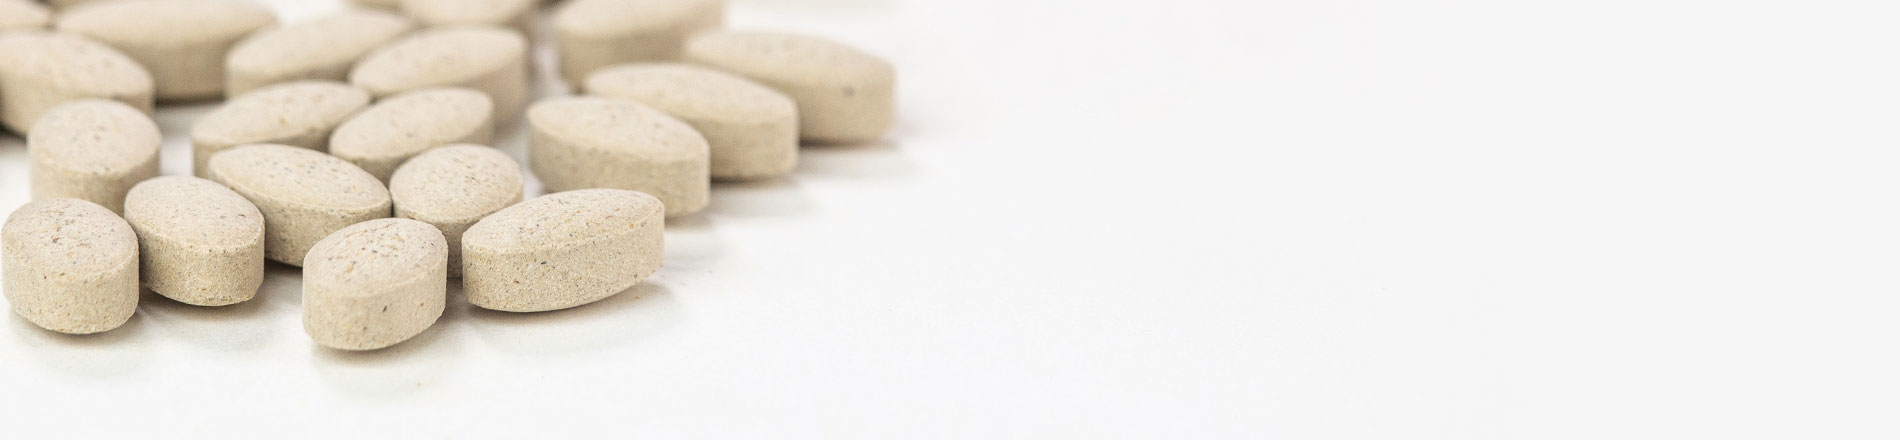 Gokshuradi Guggulu tablets